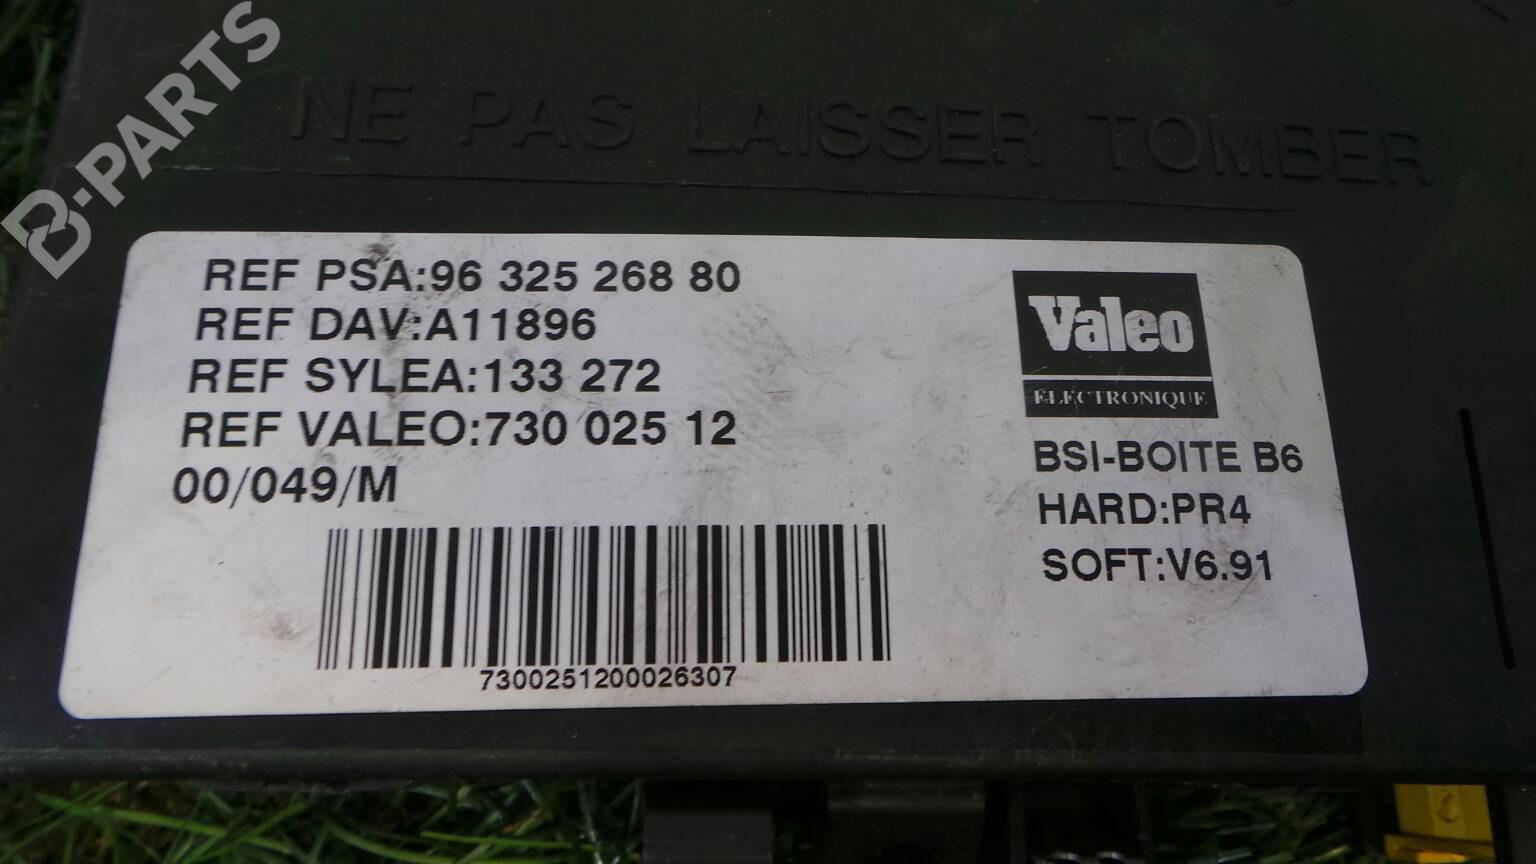 ... Fuse Box 96 325 268 80 CITROËN, XSARA PICASSO (N68) 1.6(5